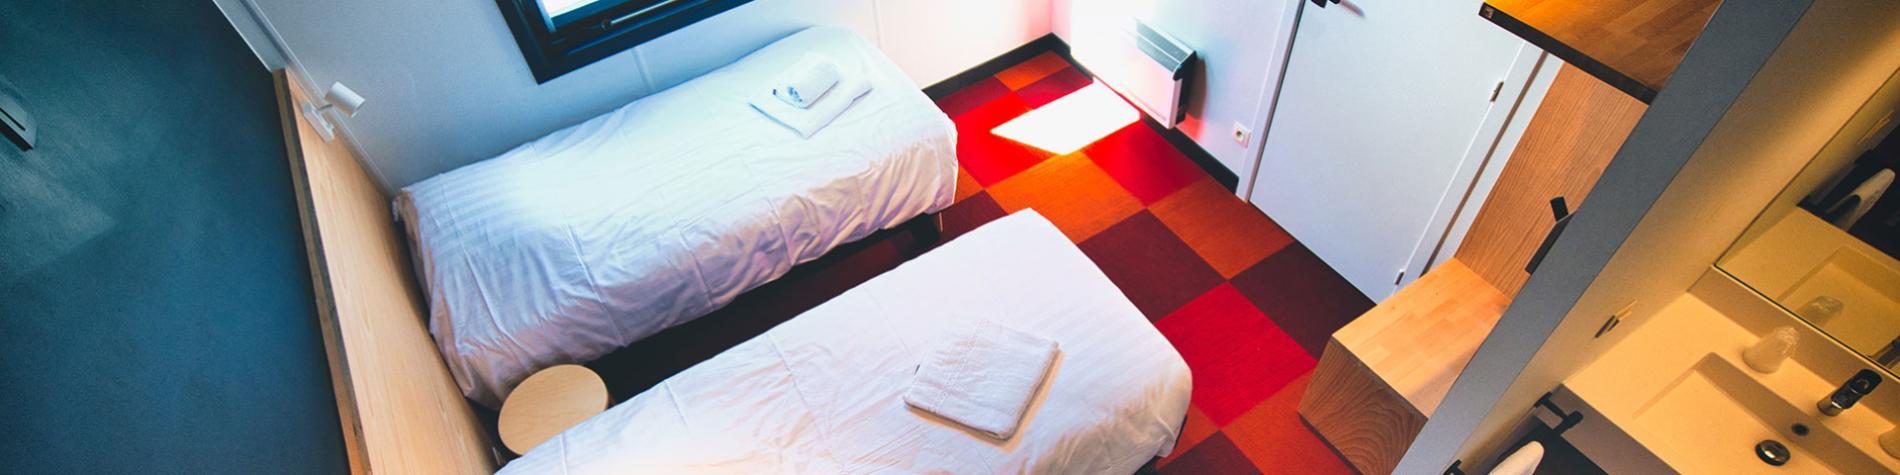 Hôtel Aquatel - Anseremme - chambres doubles - familiales - dortoirs - petit déjeuner buffet - restaurant